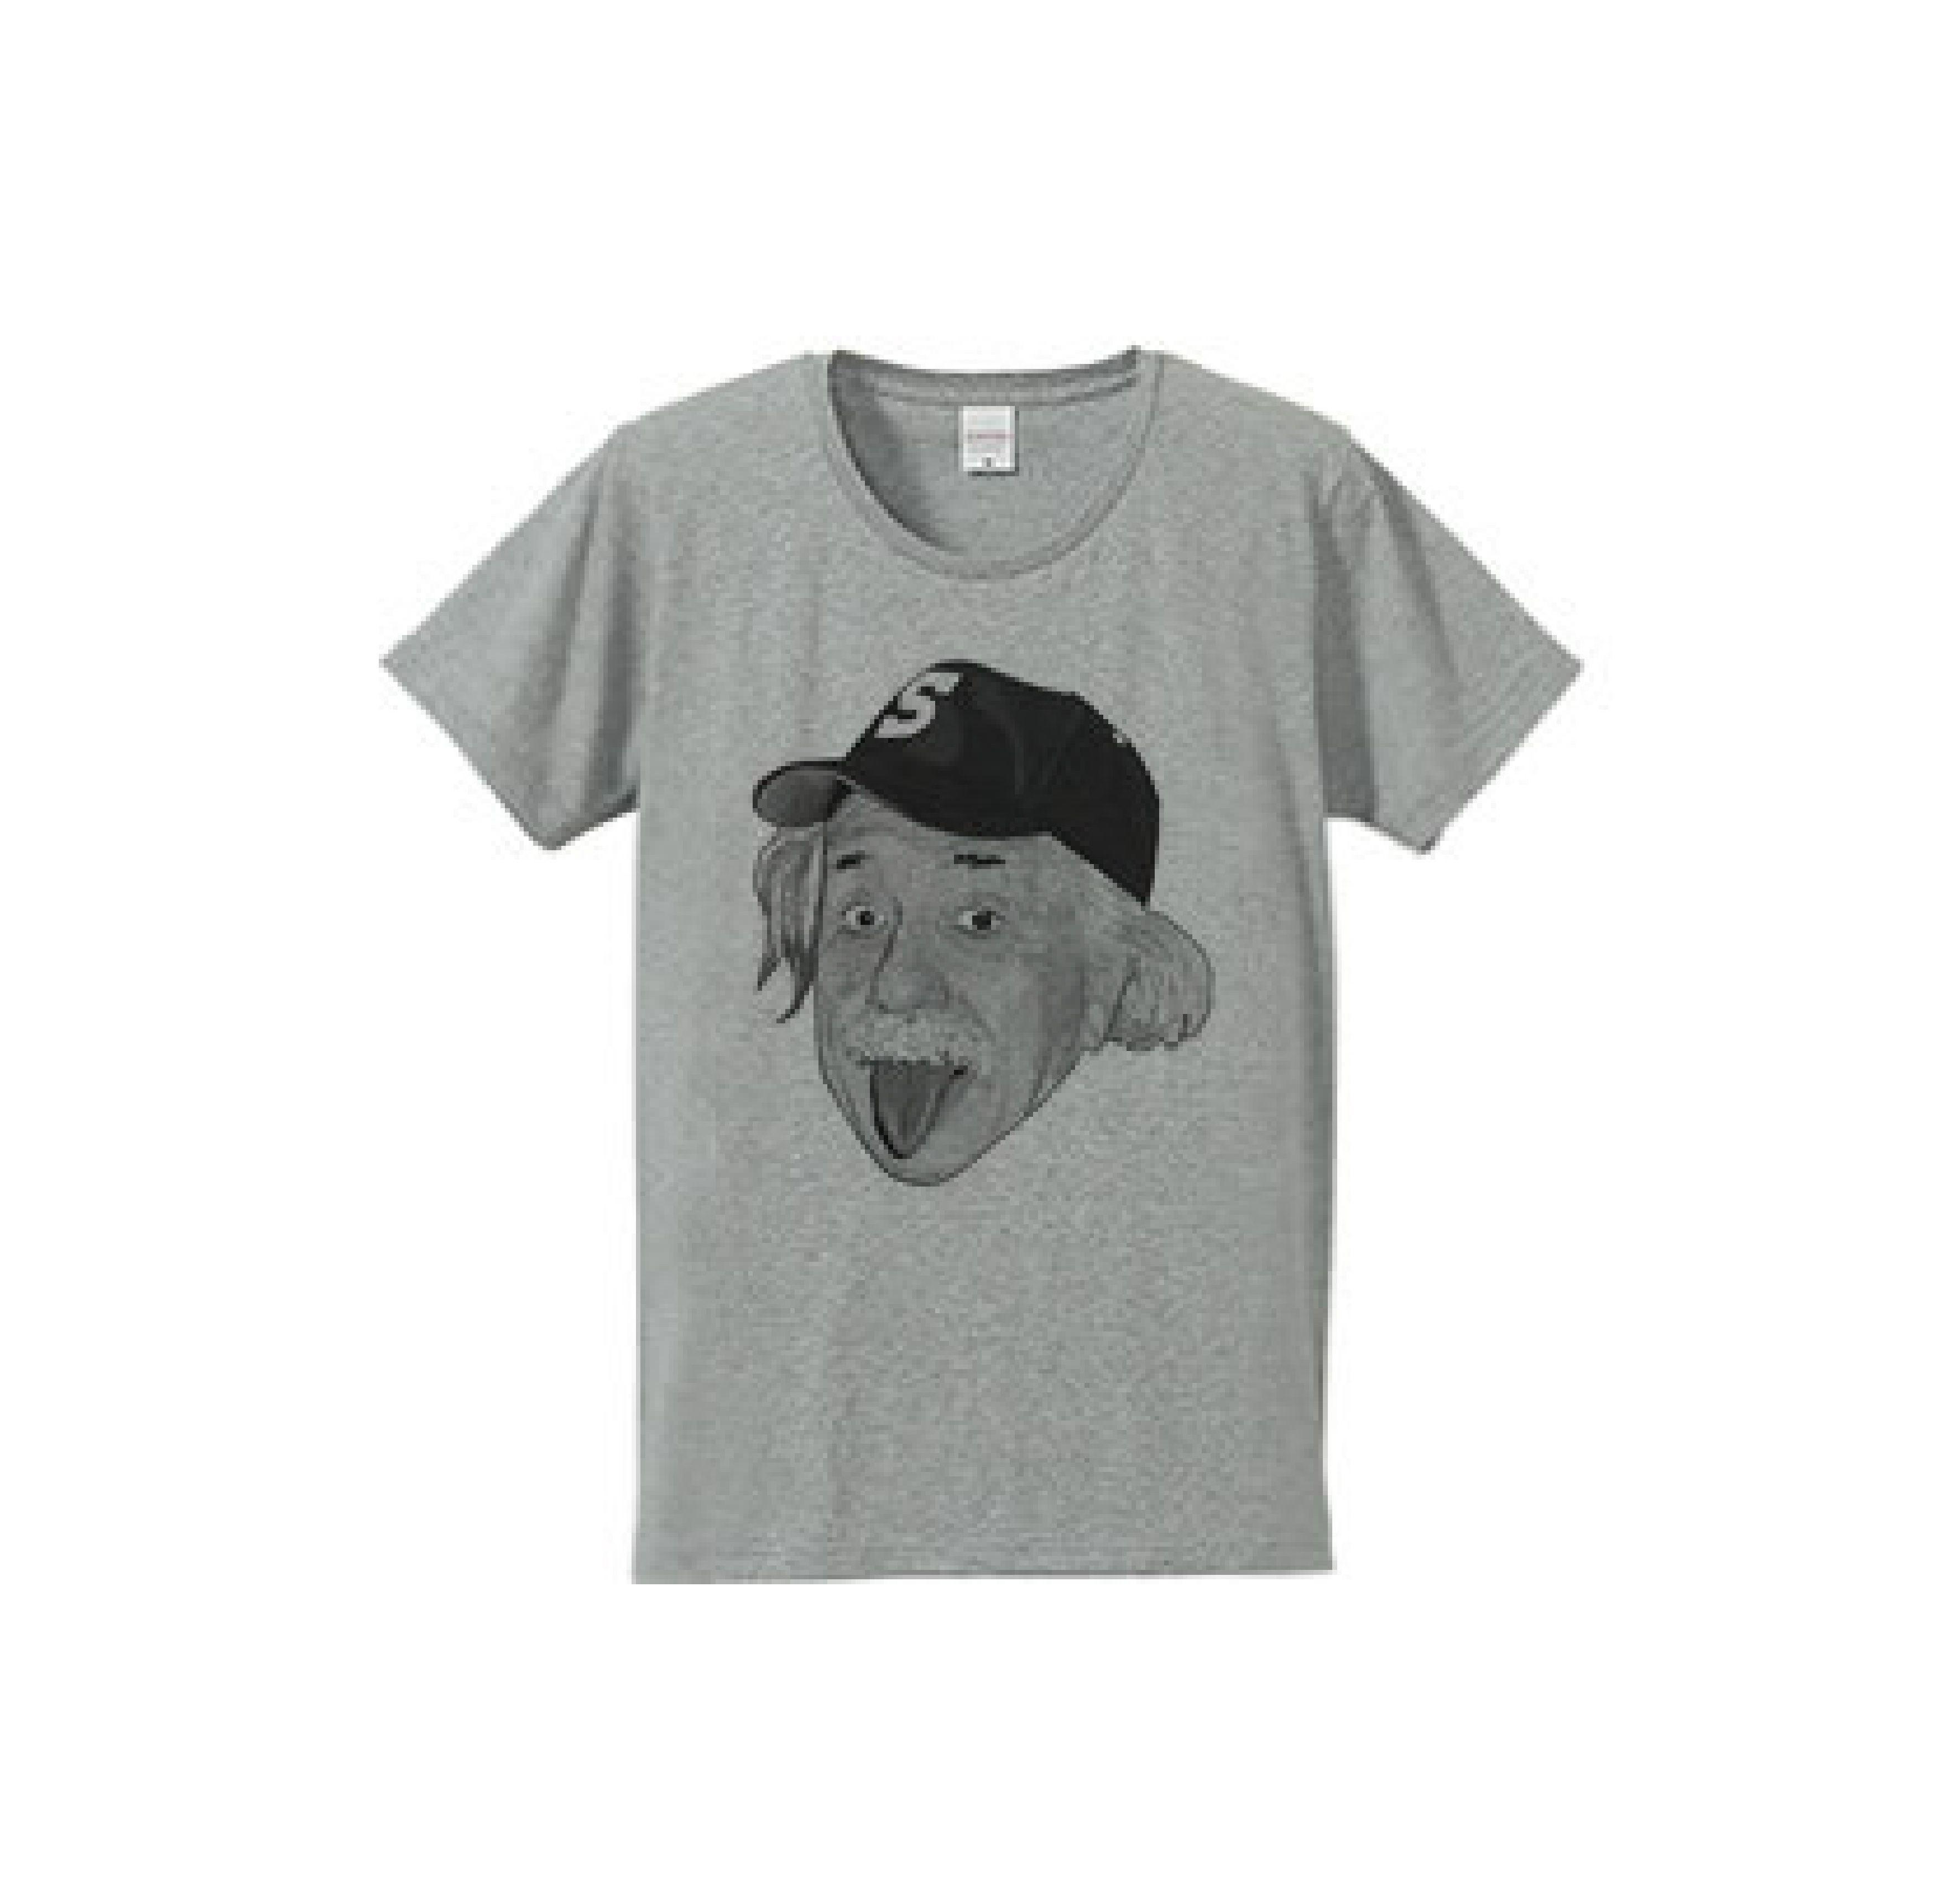 アルベルト・アインシュタイン・アウトドア モノクロ(4.7oz Tシャツ gray)